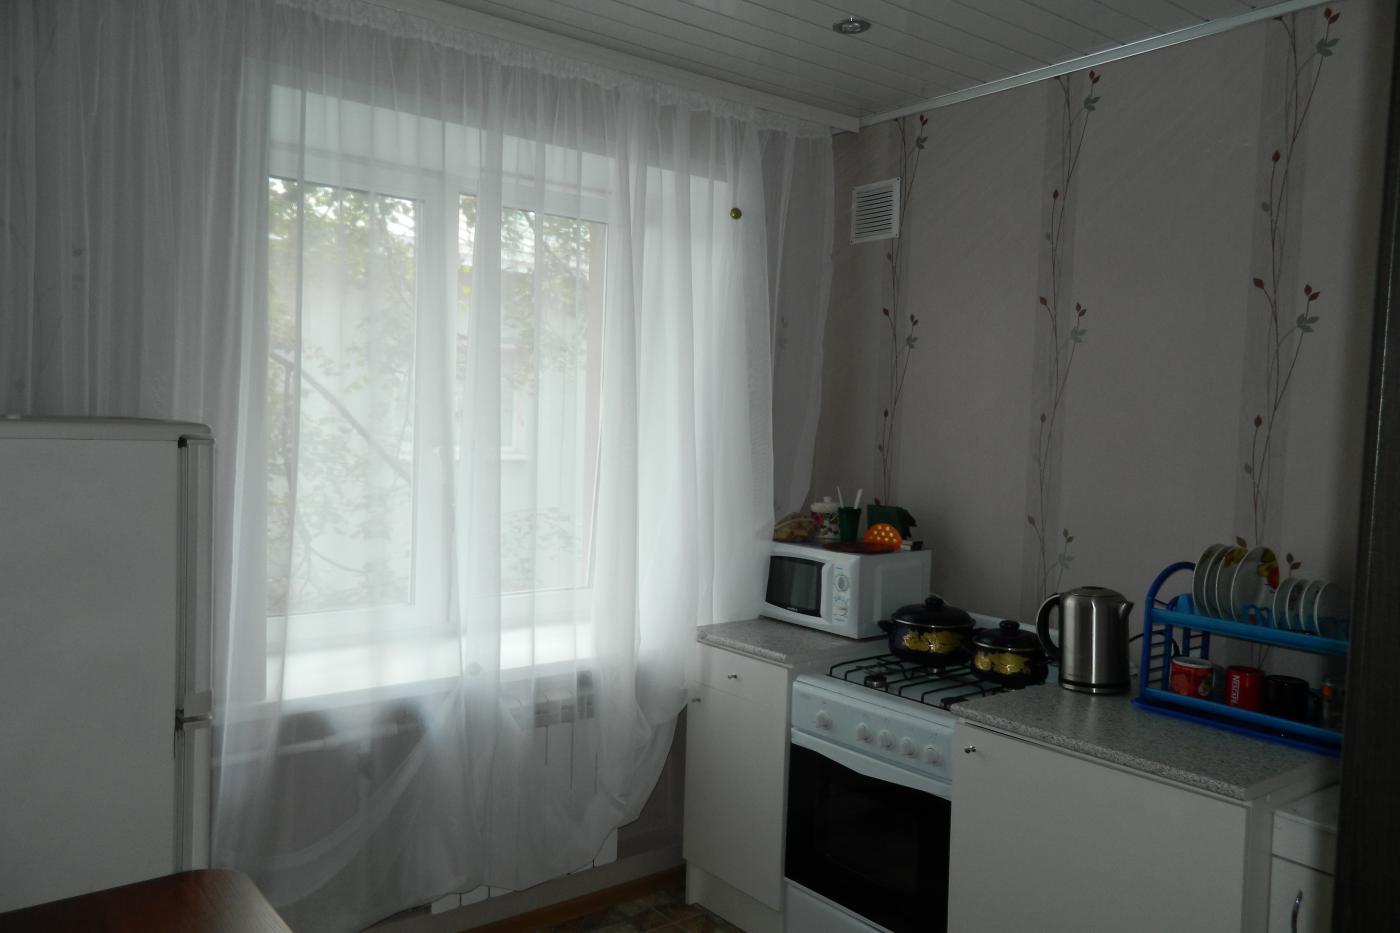 1-комнатная квартира посуточно (вариант № 1925), ул. Никитинская улица, фото № 5